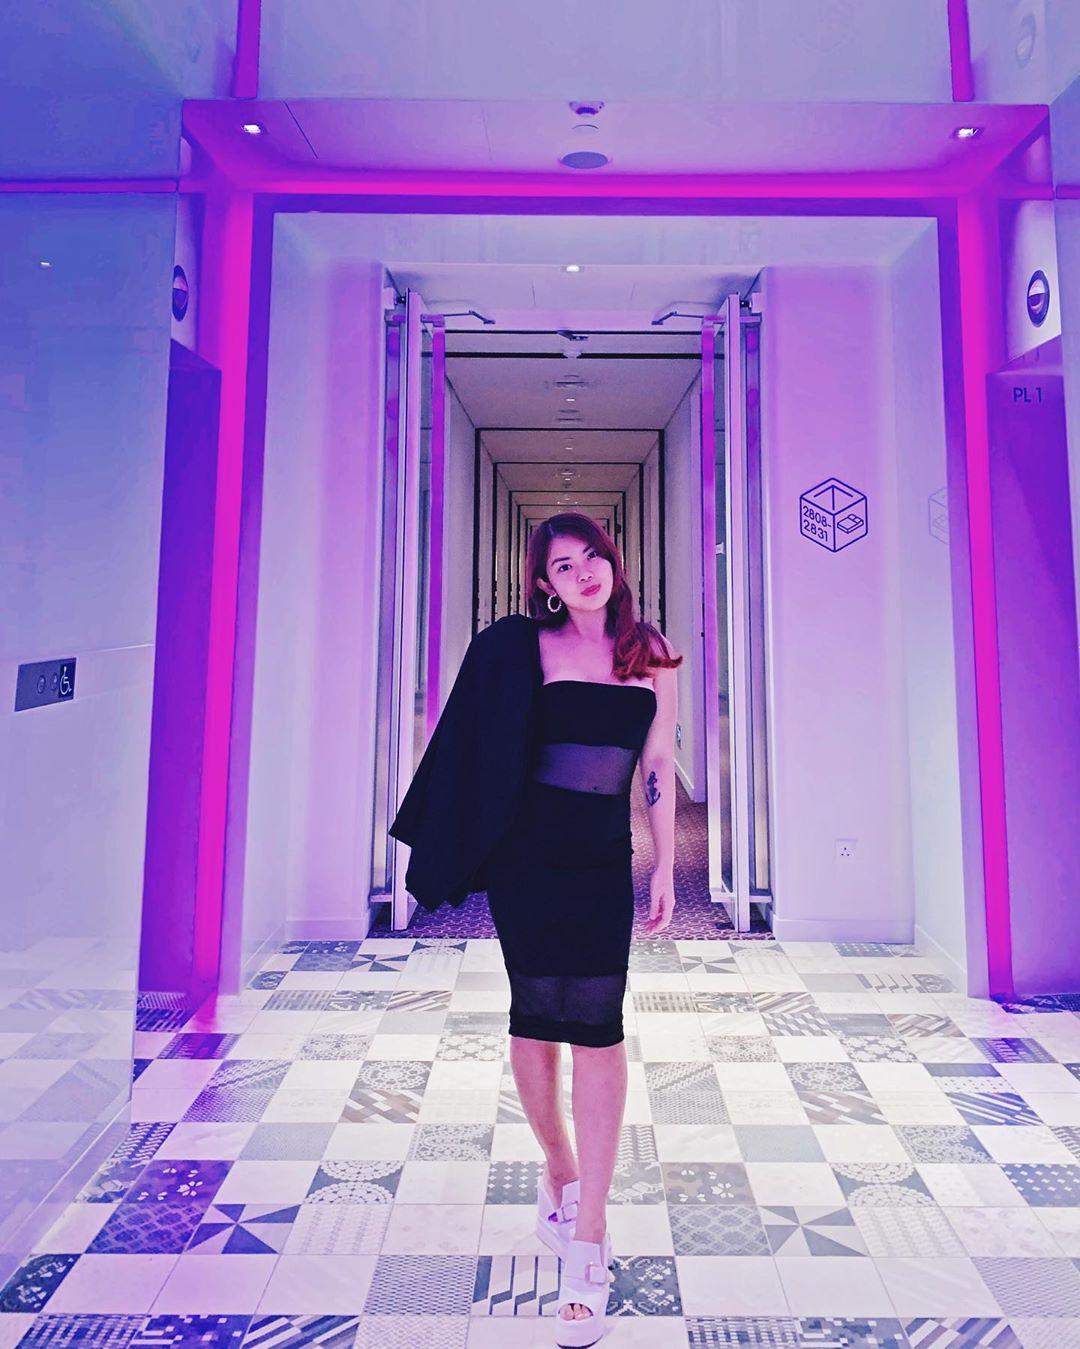 Yotel Singapore Hotel